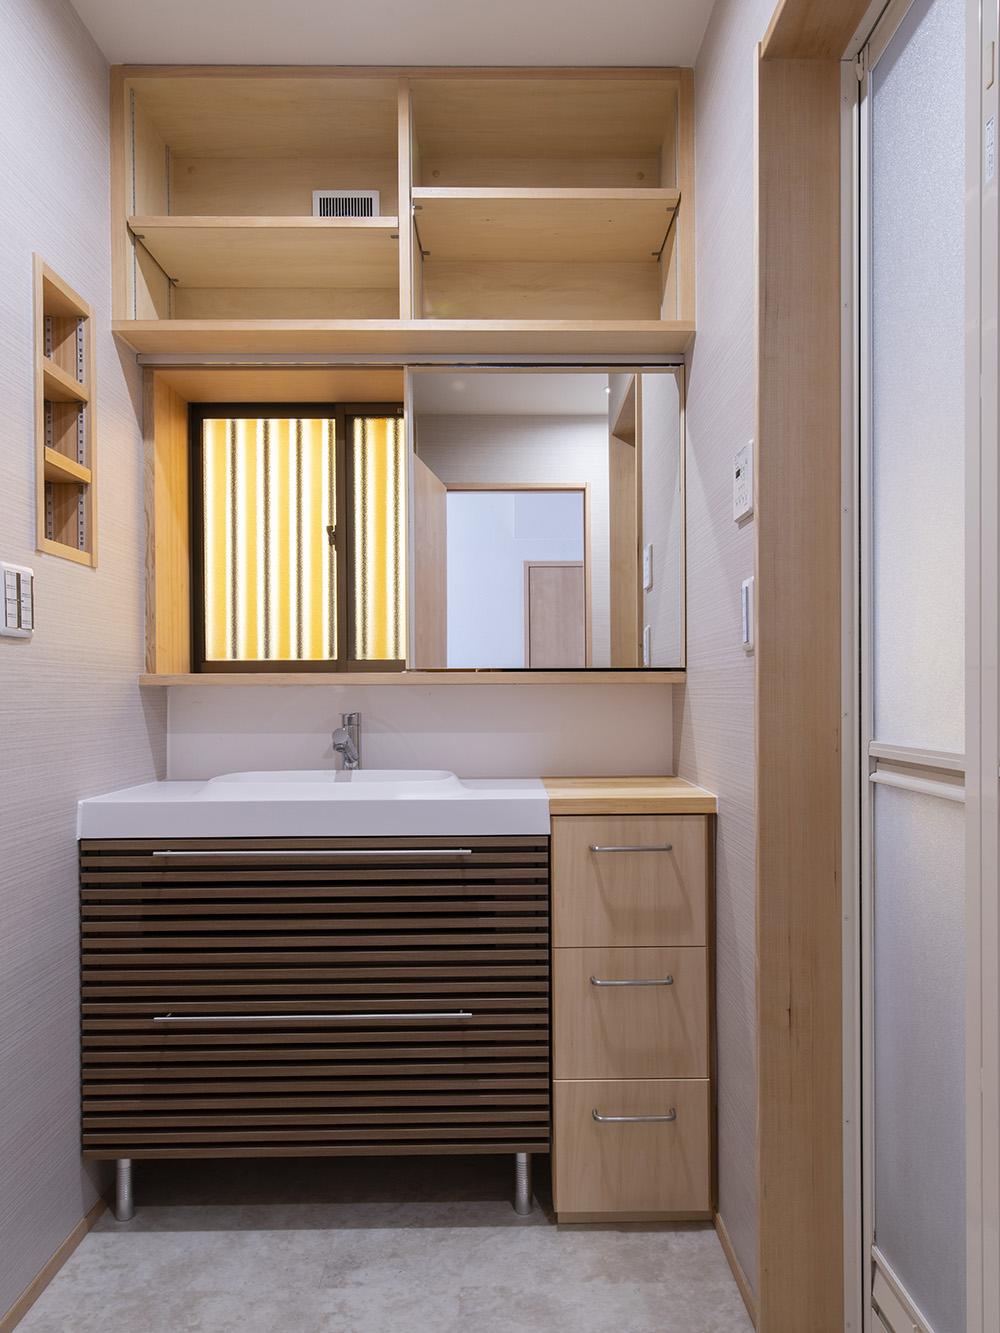 造作カウンターと壁面収納のある家